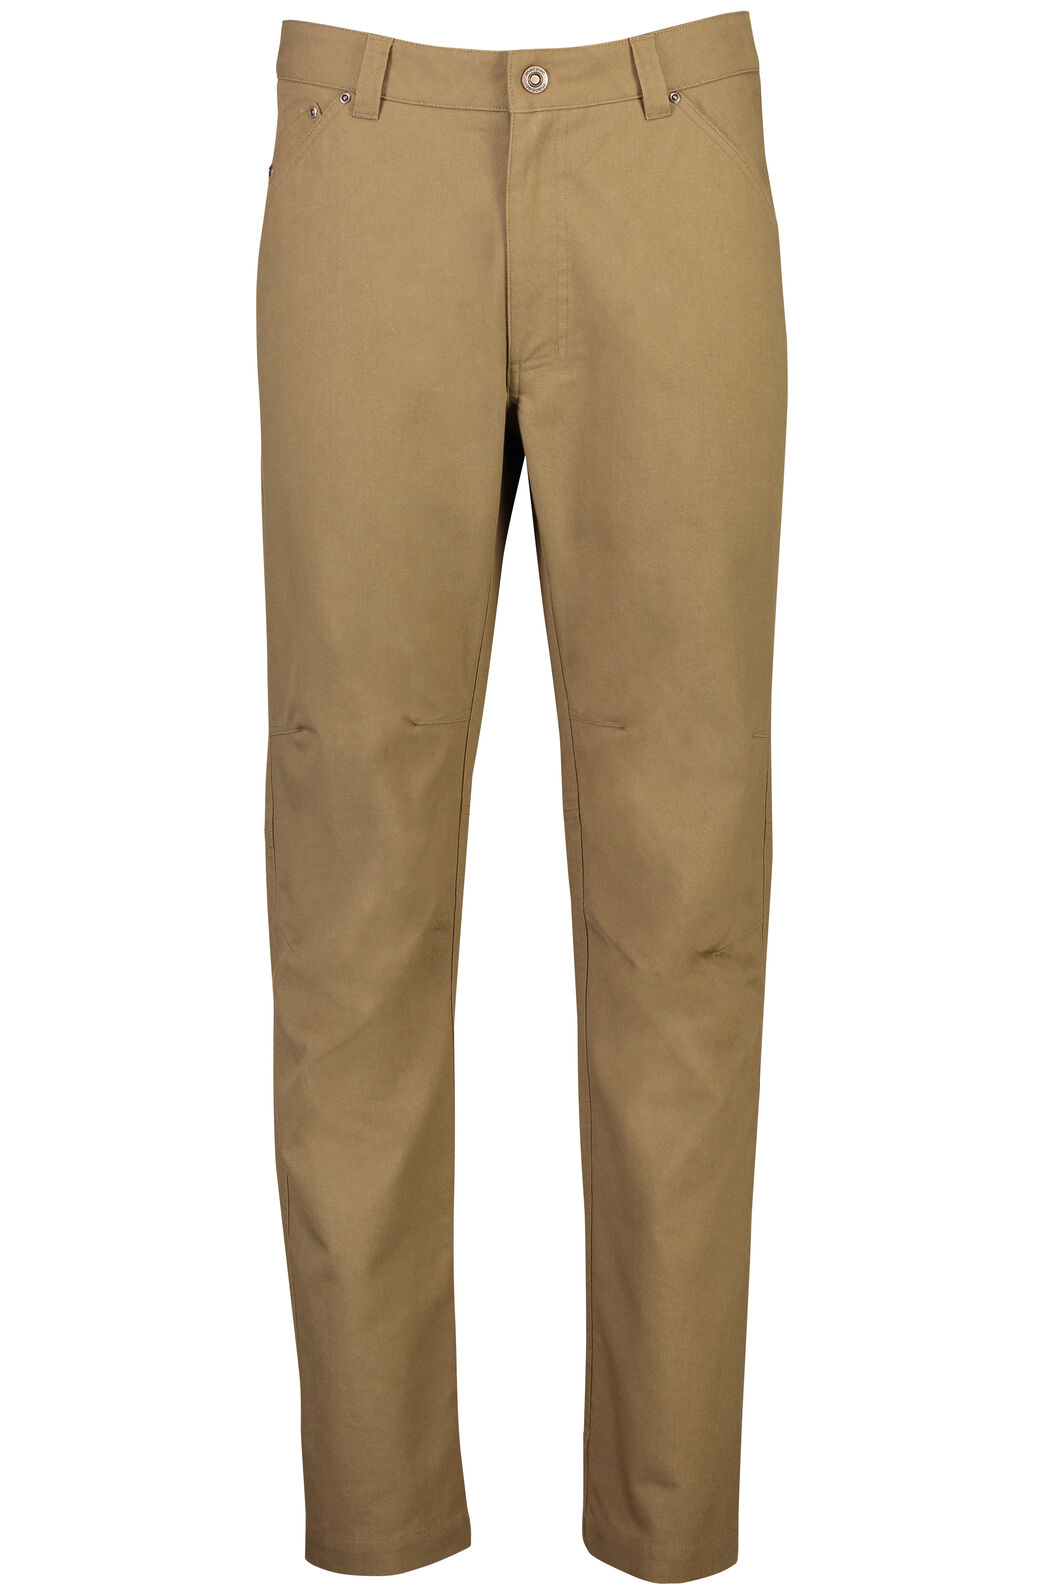 Macpac Navigator Pants - Men's, Desert Palm, hi-res